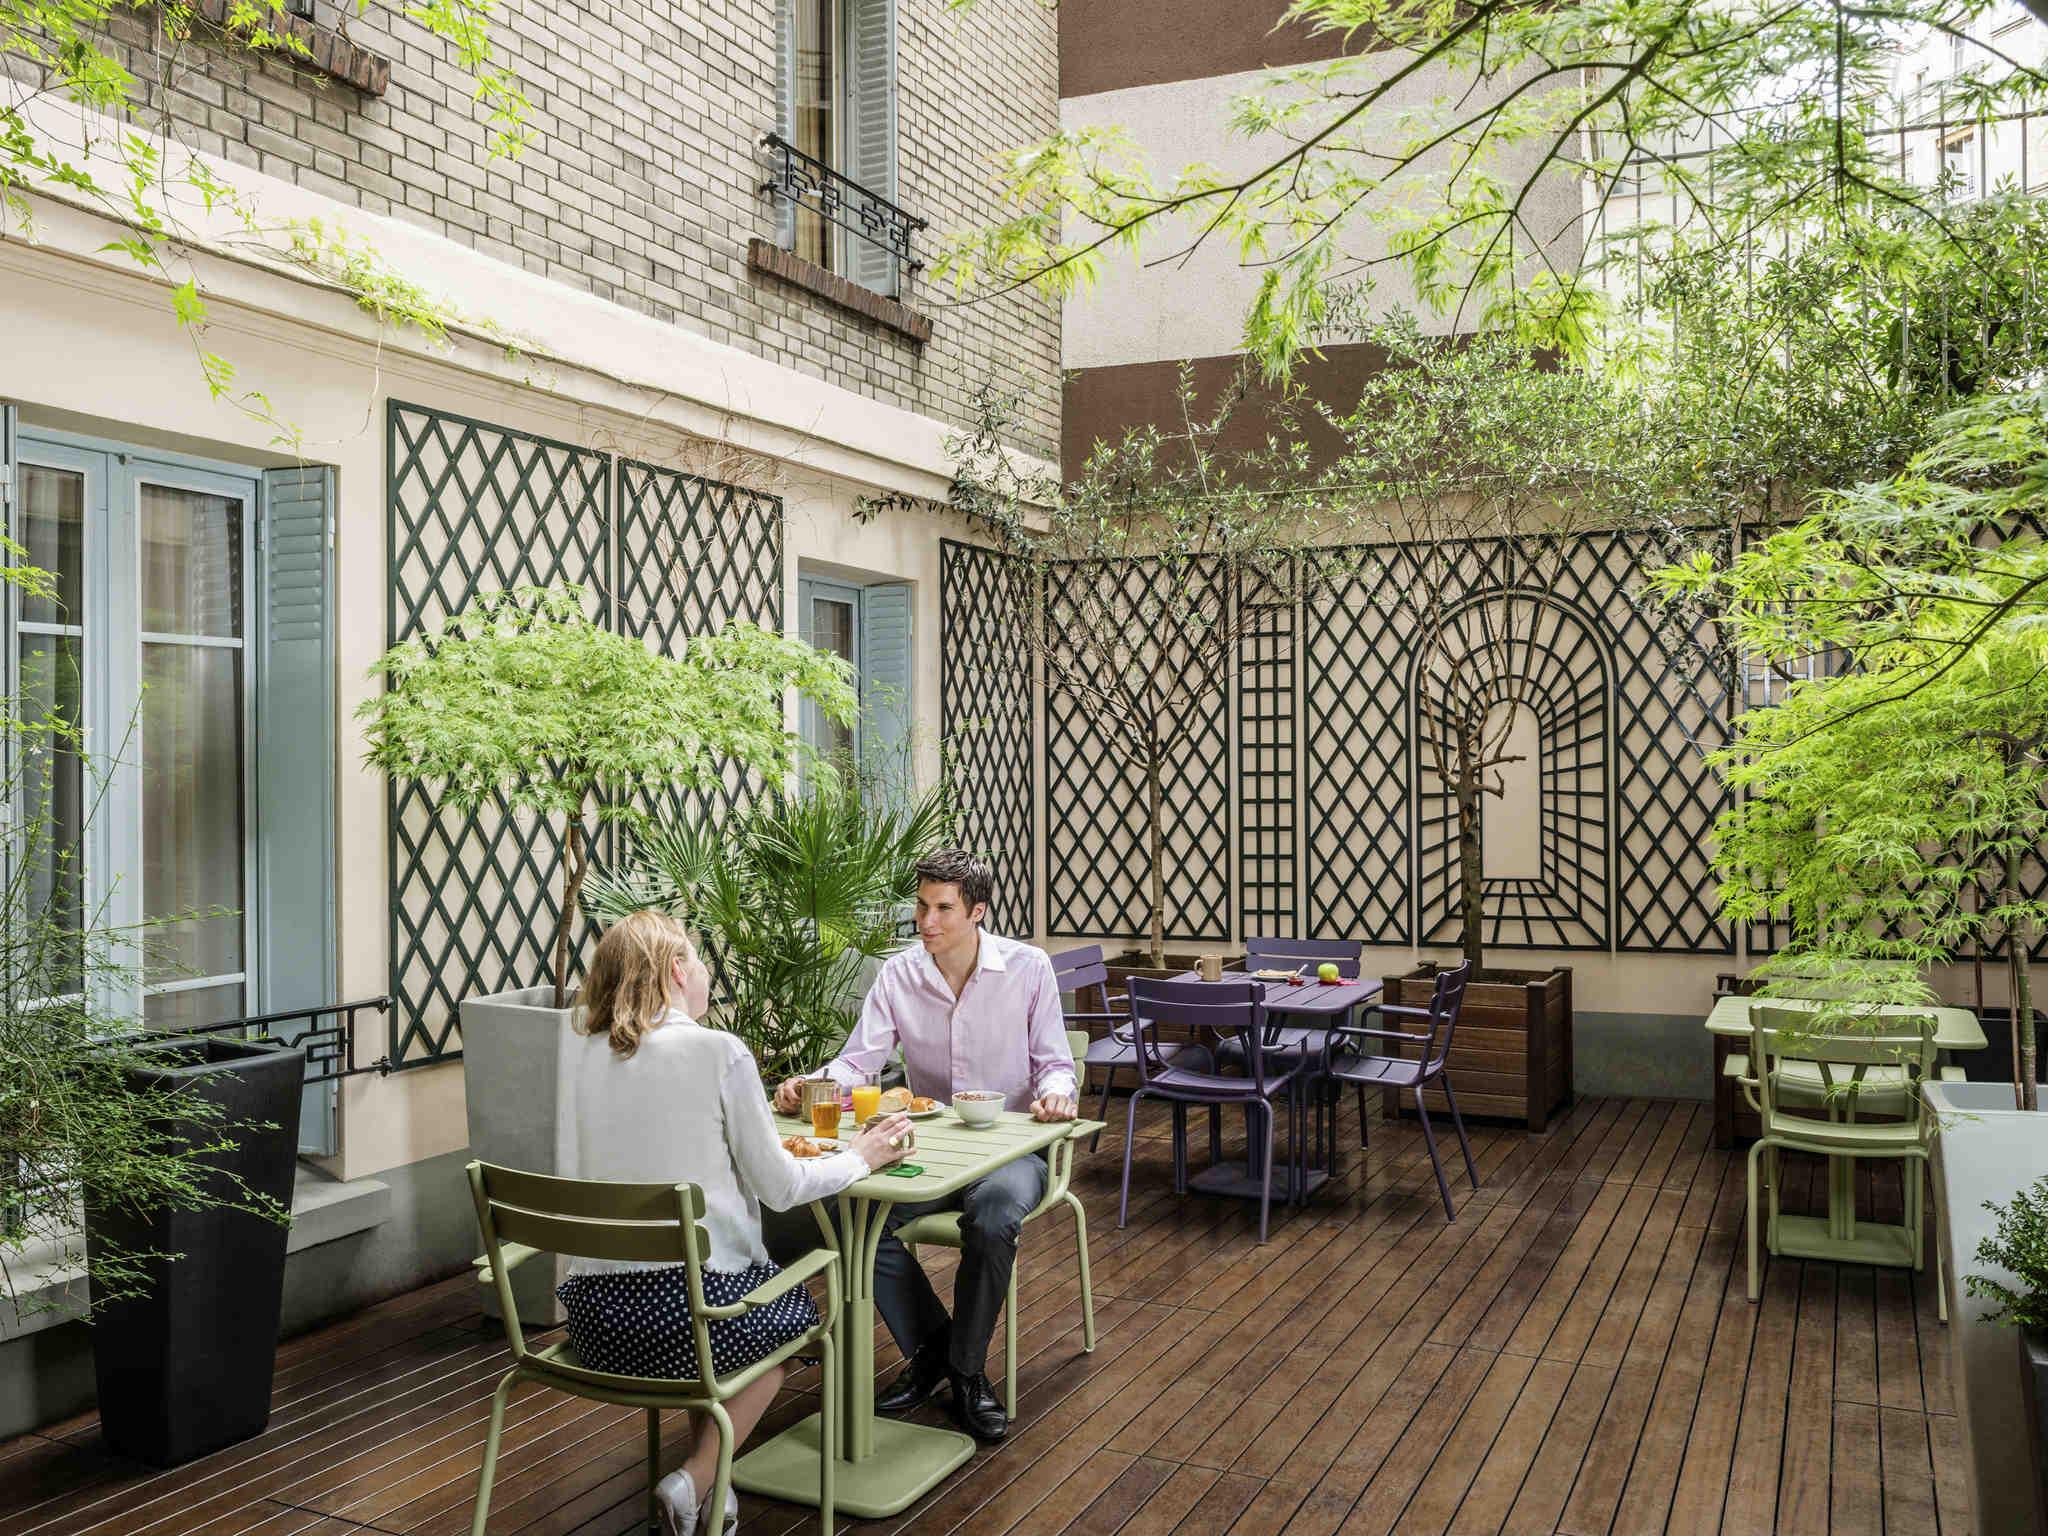 โรงแรม – อพาร์ทโฮเทล อดาจิโอ แอคเซส ฟิลิป ออกุสต์